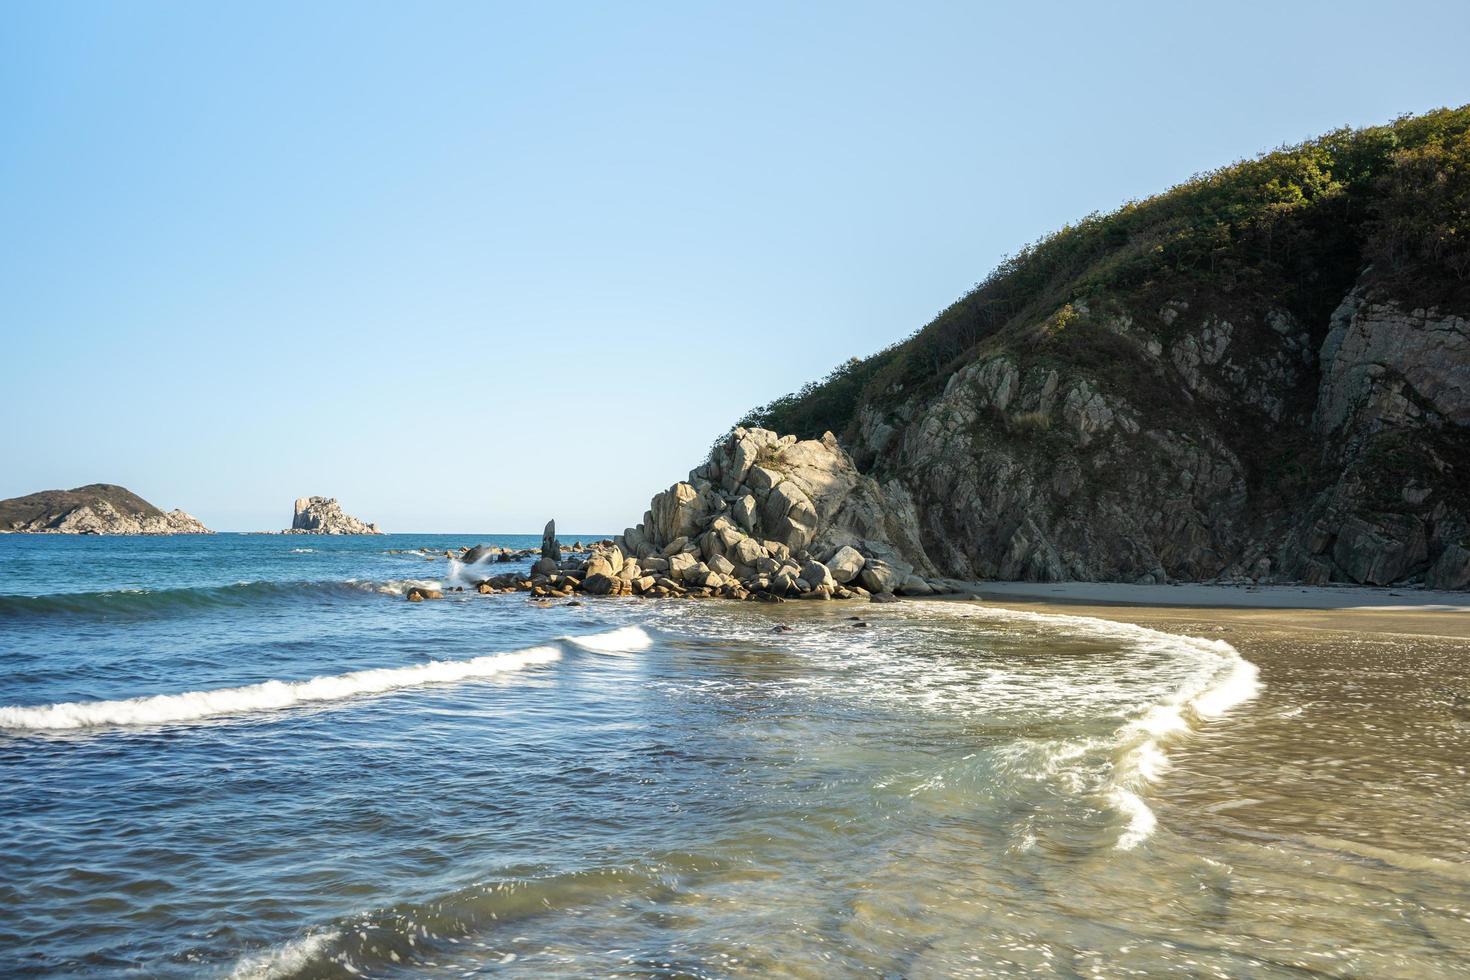 marinmålning med utsikt över vackra stenar. foto